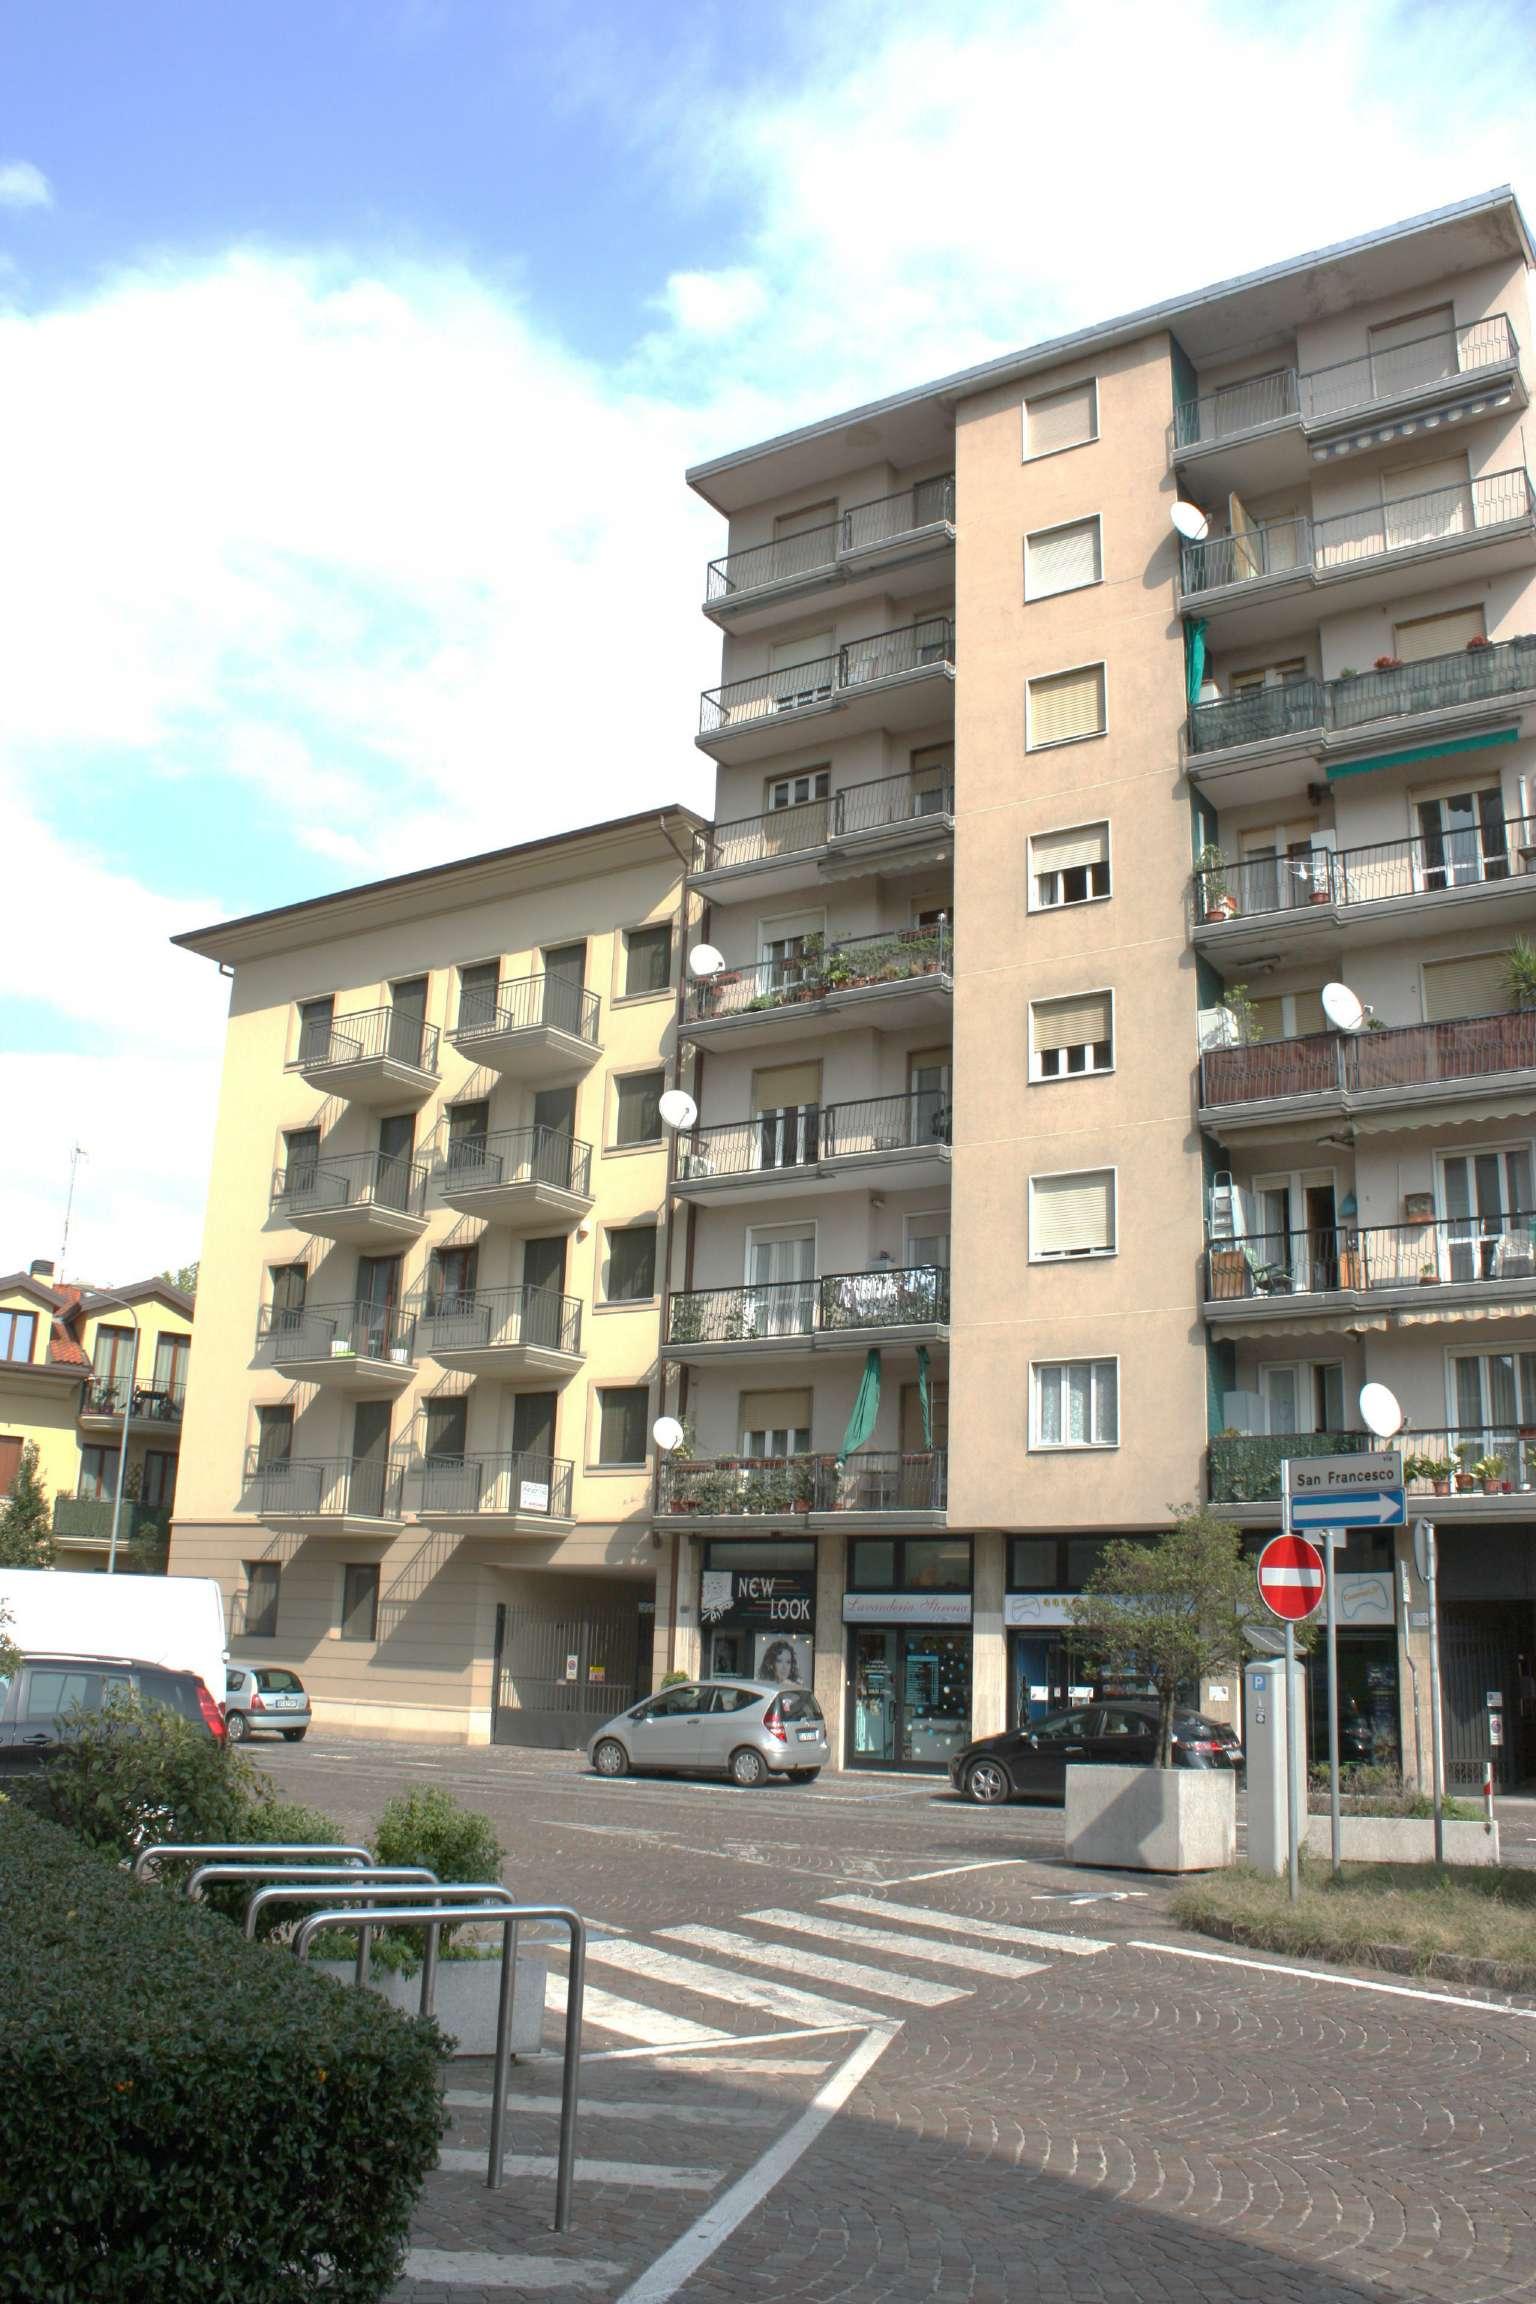 Appartamento in vendita a Cinisello Balsamo, 1 locali, prezzo € 90.000 | Cambio Casa.it